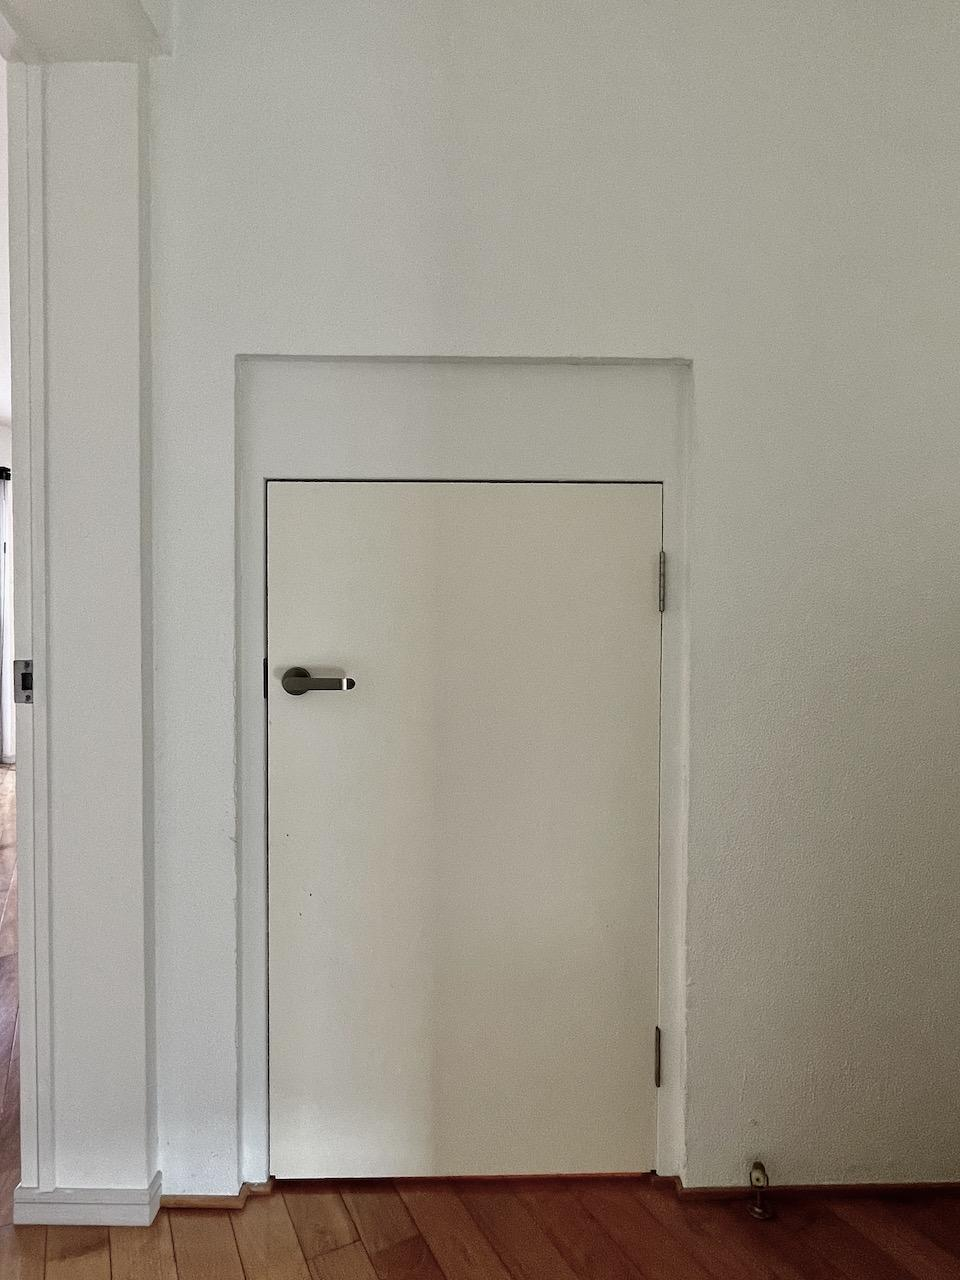 5階の階段を登った先にある扉を開けると・・・。